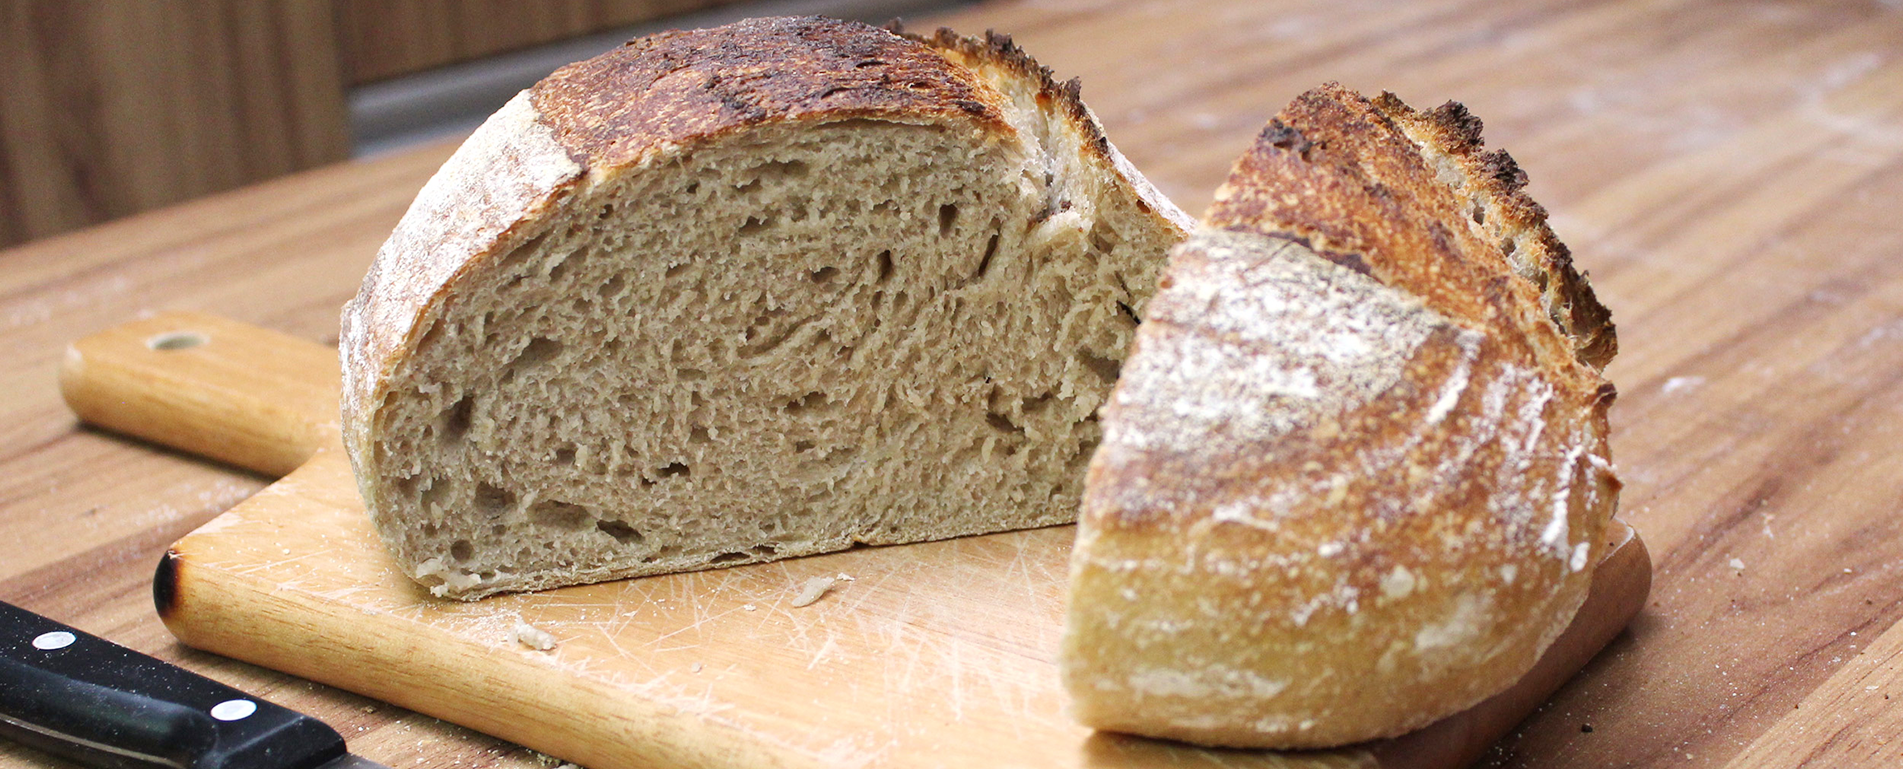 7 desafios de um padeiro amador. As principais dificuldades encontradas por quem faz pão em casa.